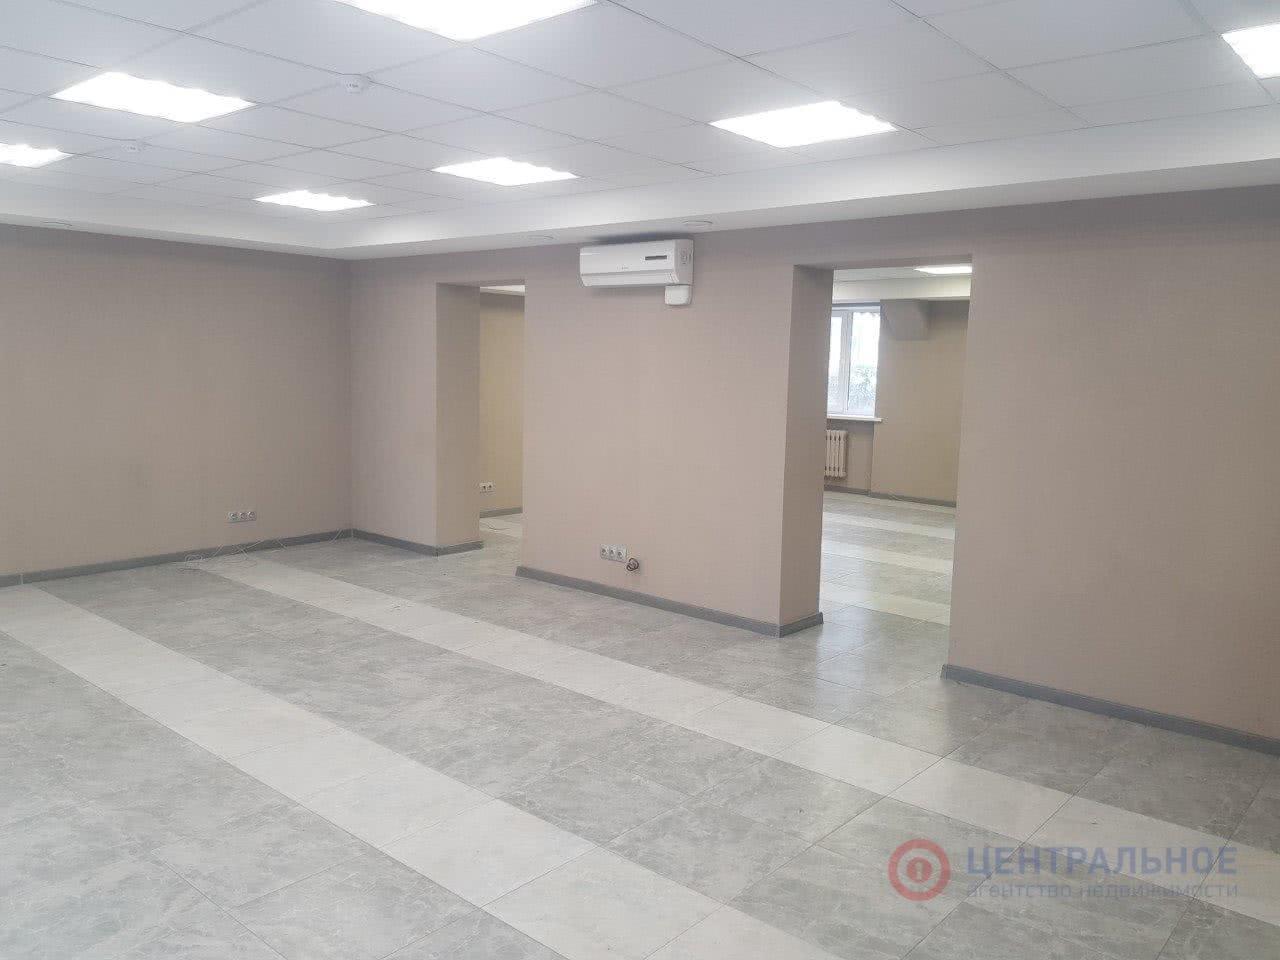 Купить торговое помещение на ул. Дорошевича, д. 4 в Минске - фото 3